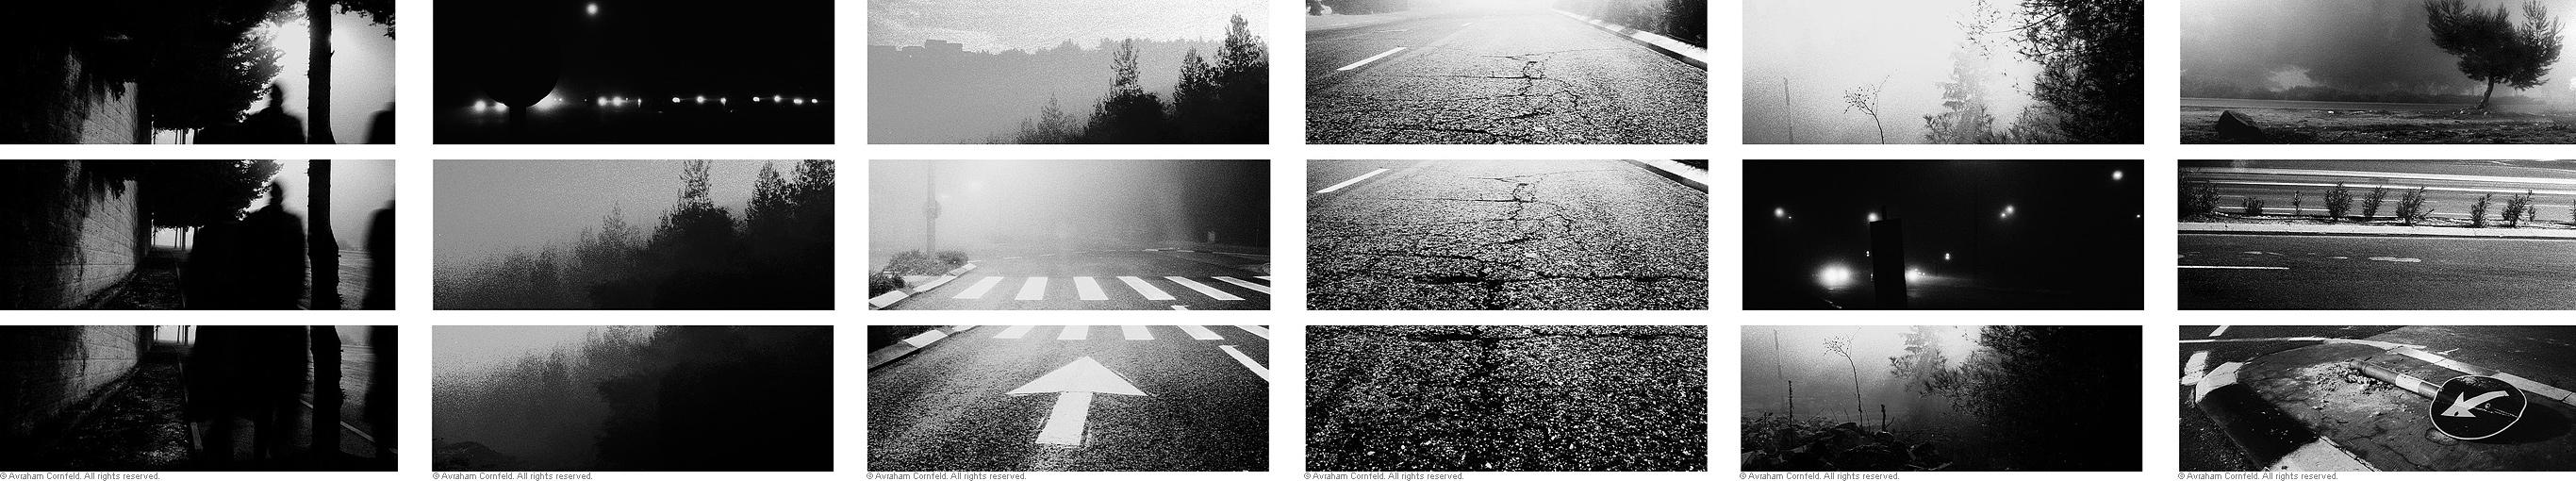 fog_all_900x4609